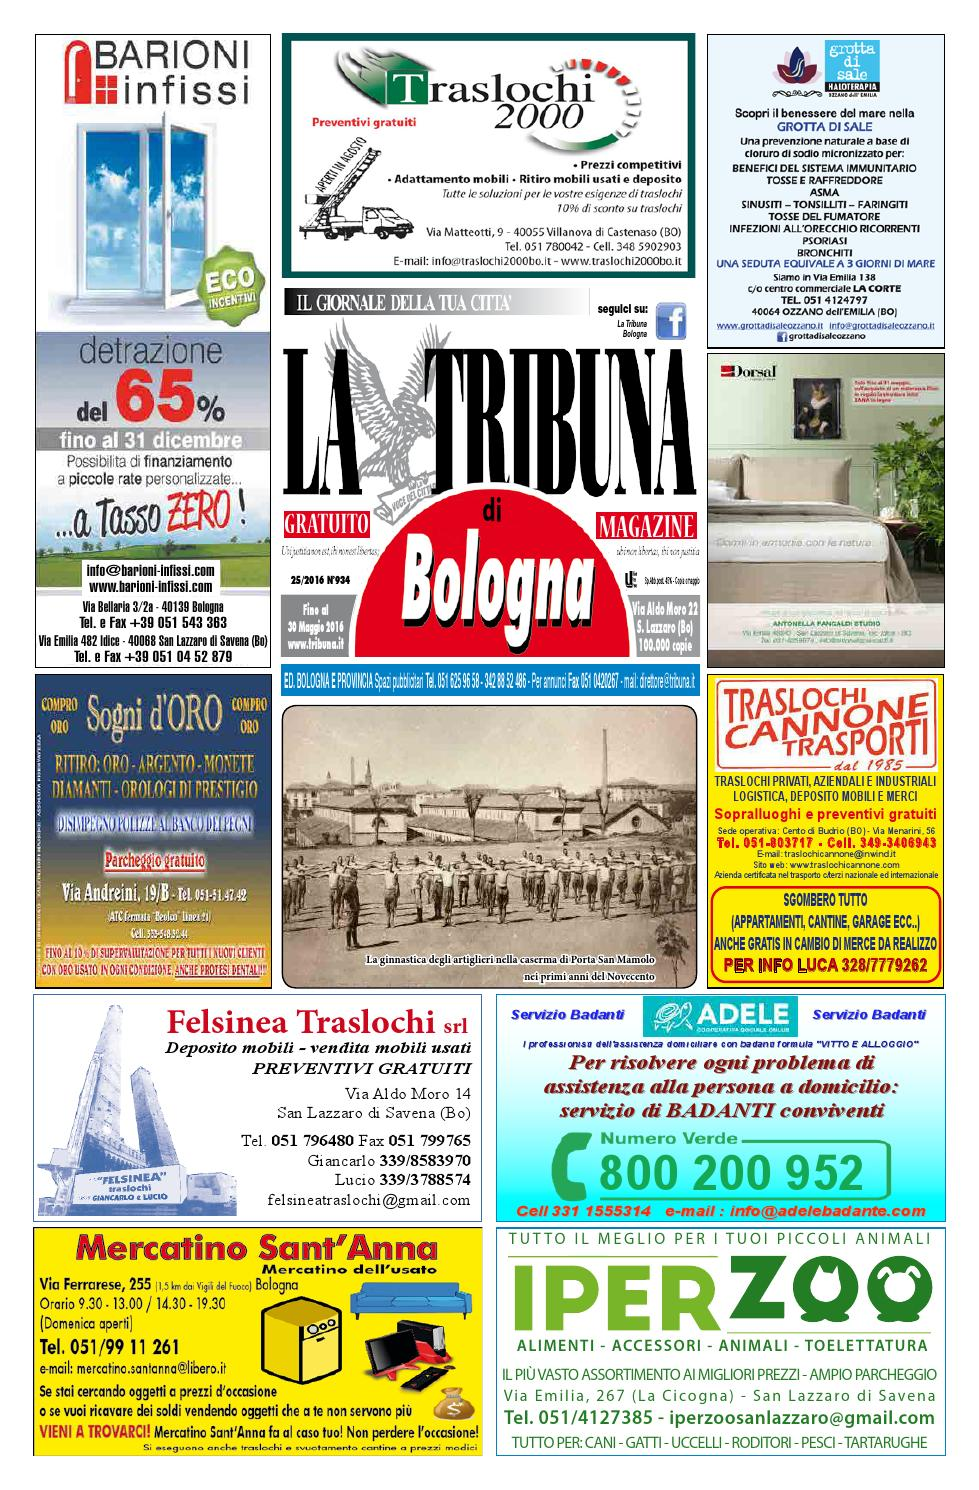 2016 Tribuna La Srls Issuu N934 Maggio By gybf76